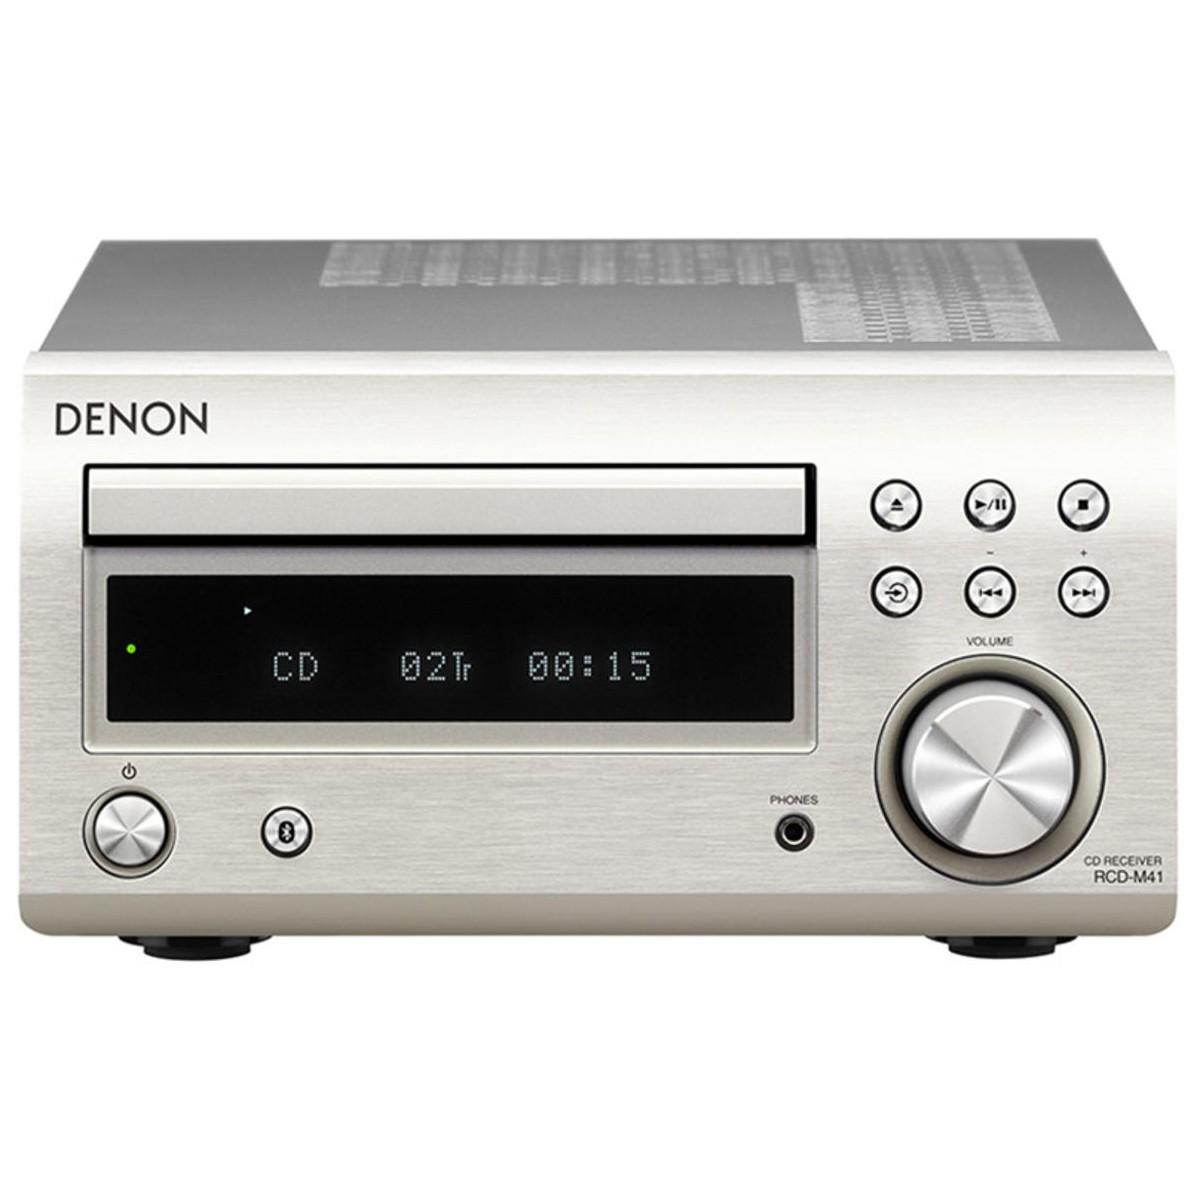 Sztereó CD/rádióerősítő RCD-M41